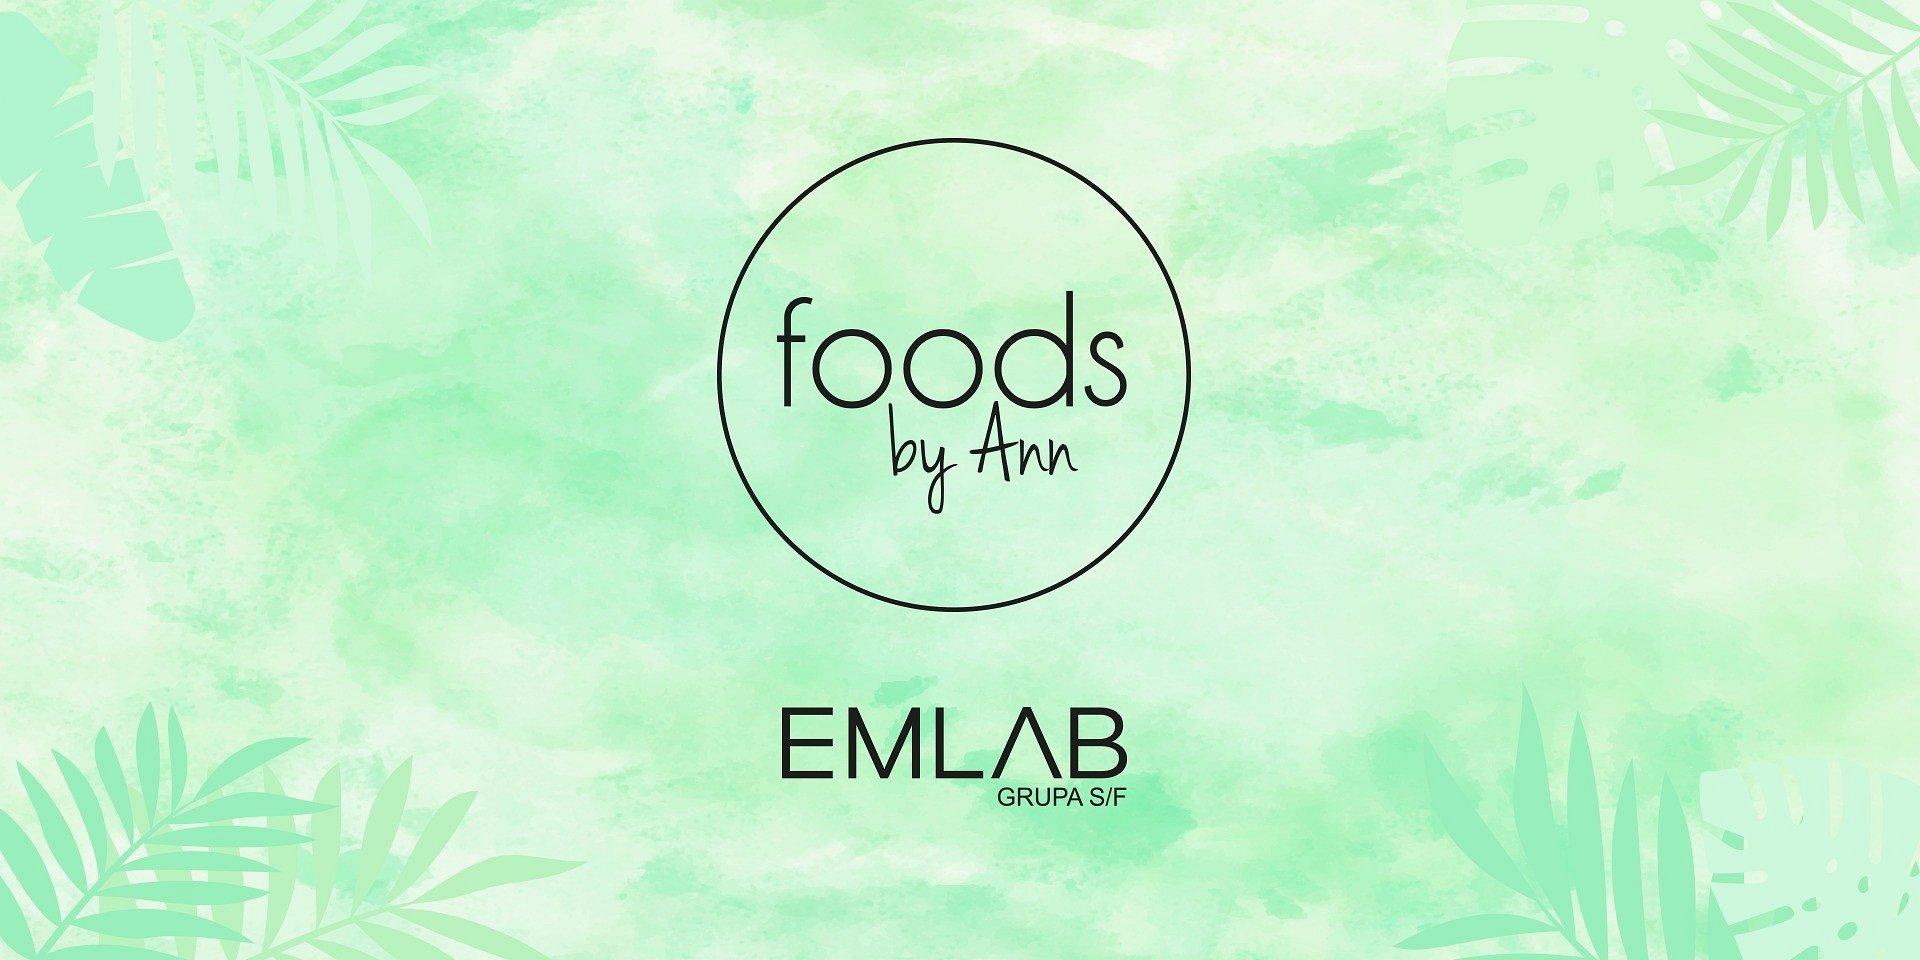 EMLAB (Grupa S/F) wygrywa przetarg na organizację trzecich urodzin marki Foods by Ann.